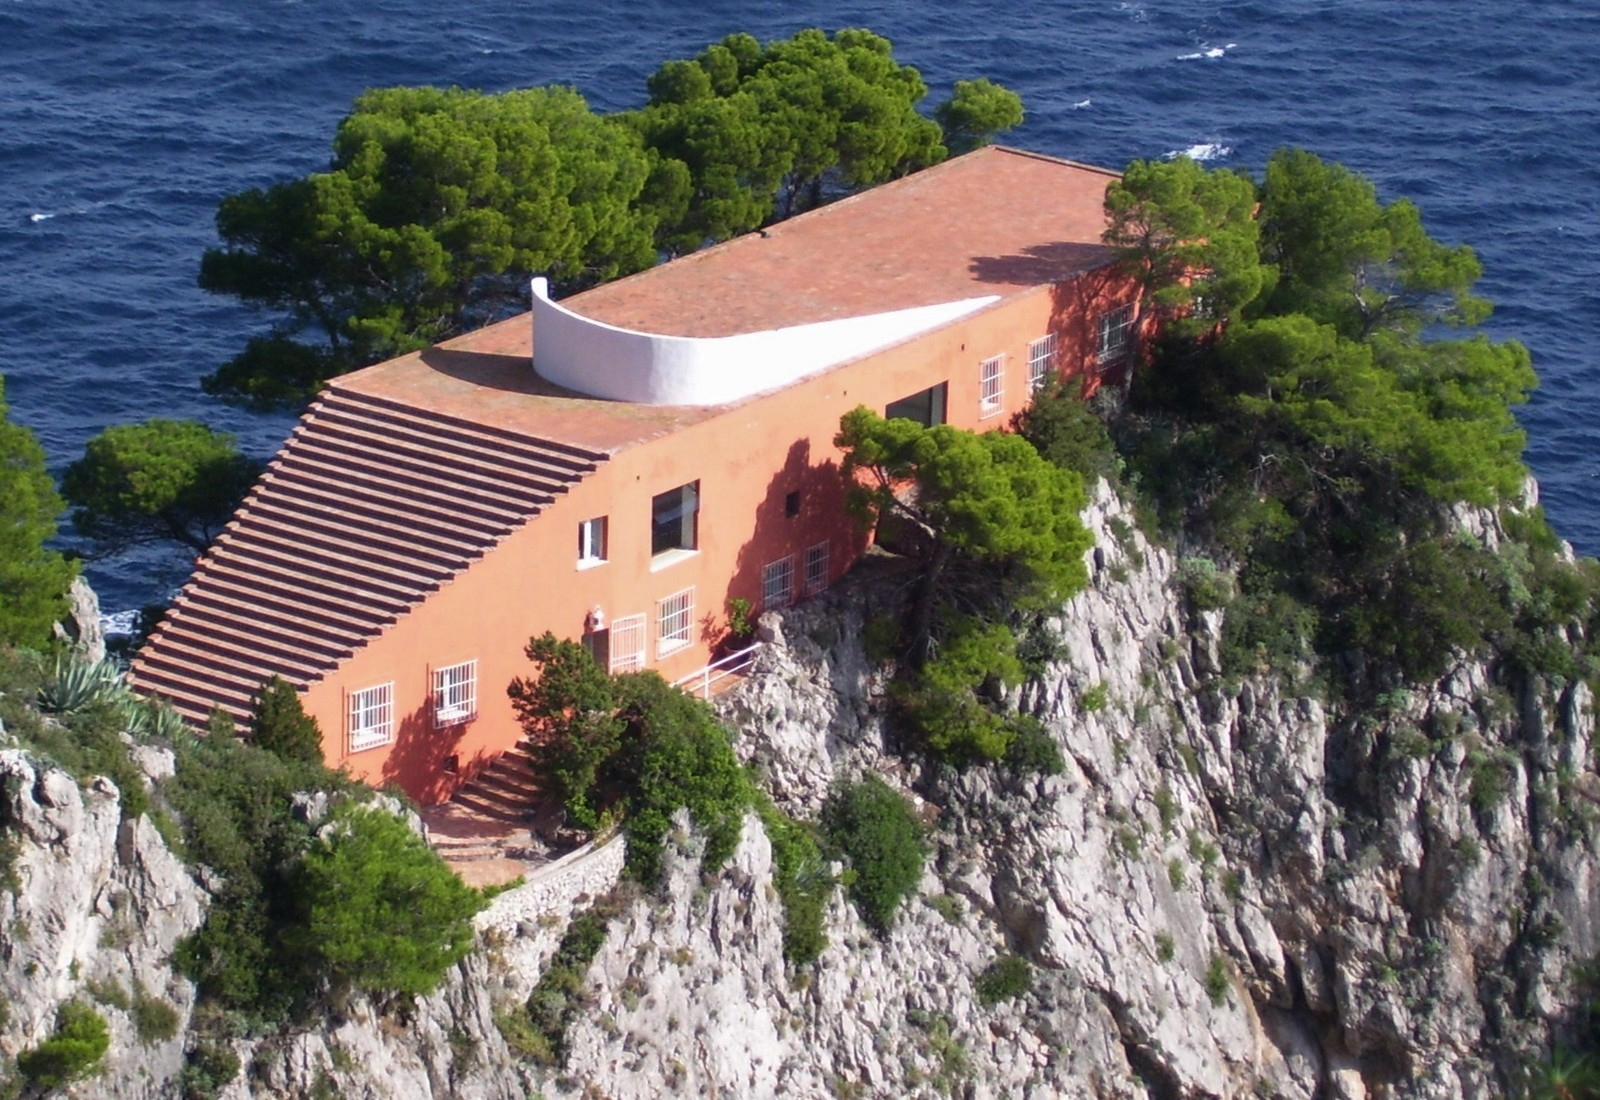 Villa Malaparte - Capri